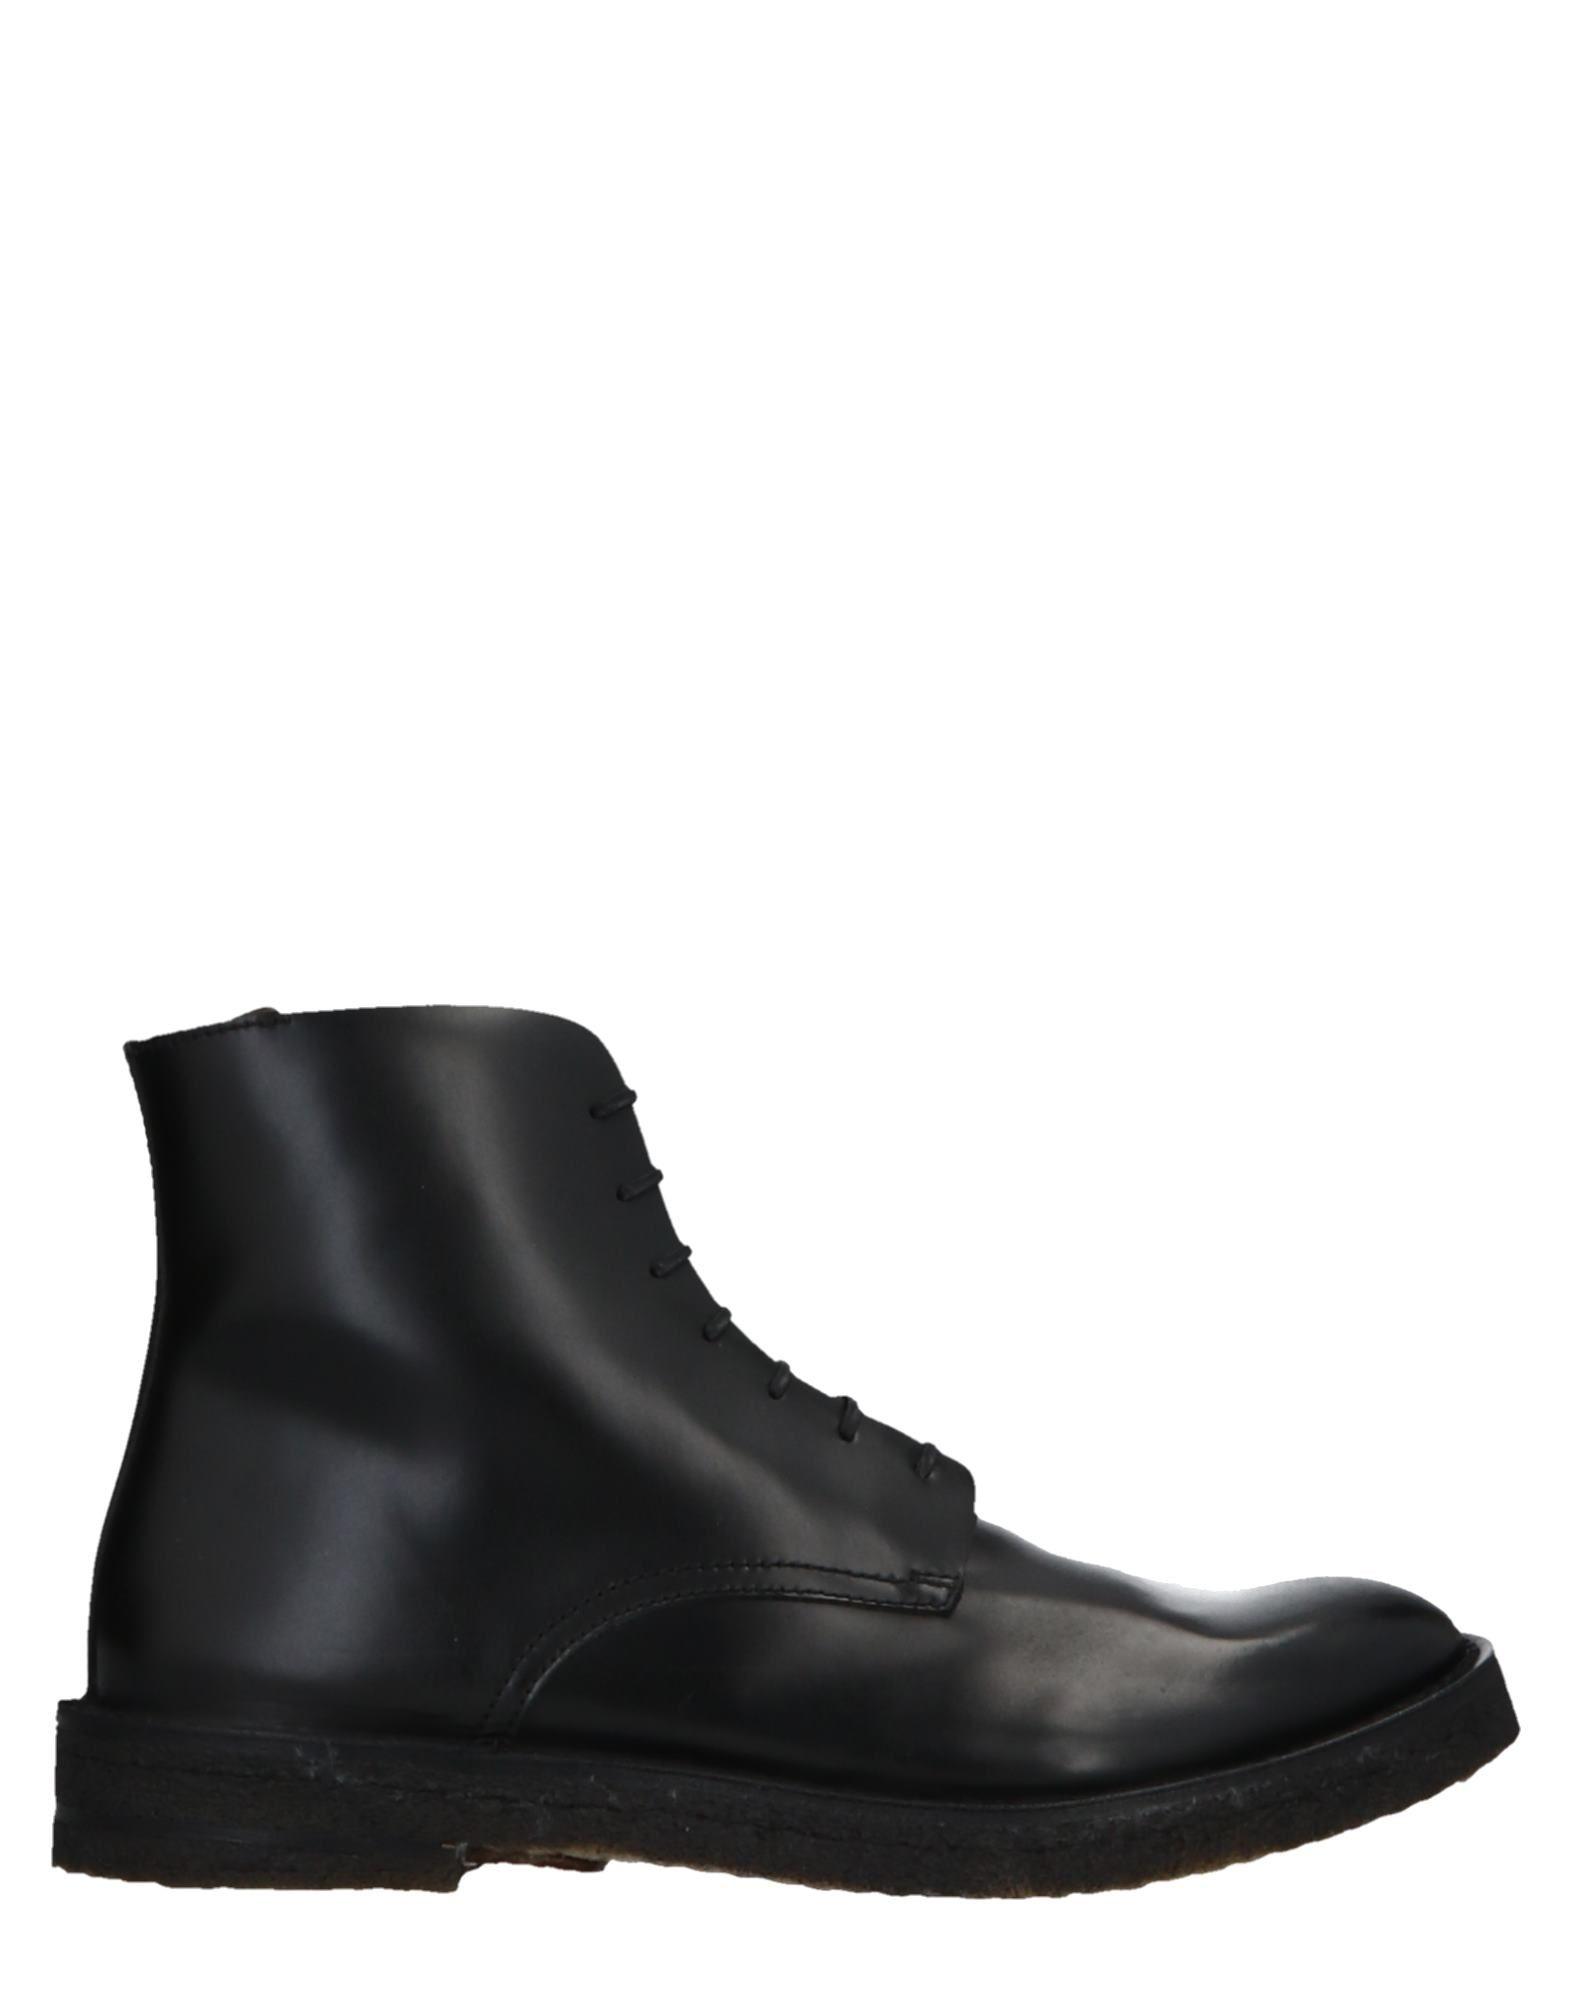 Officine Creative Italia Stiefelette Herren  11513199PA Gute Qualität beliebte Schuhe